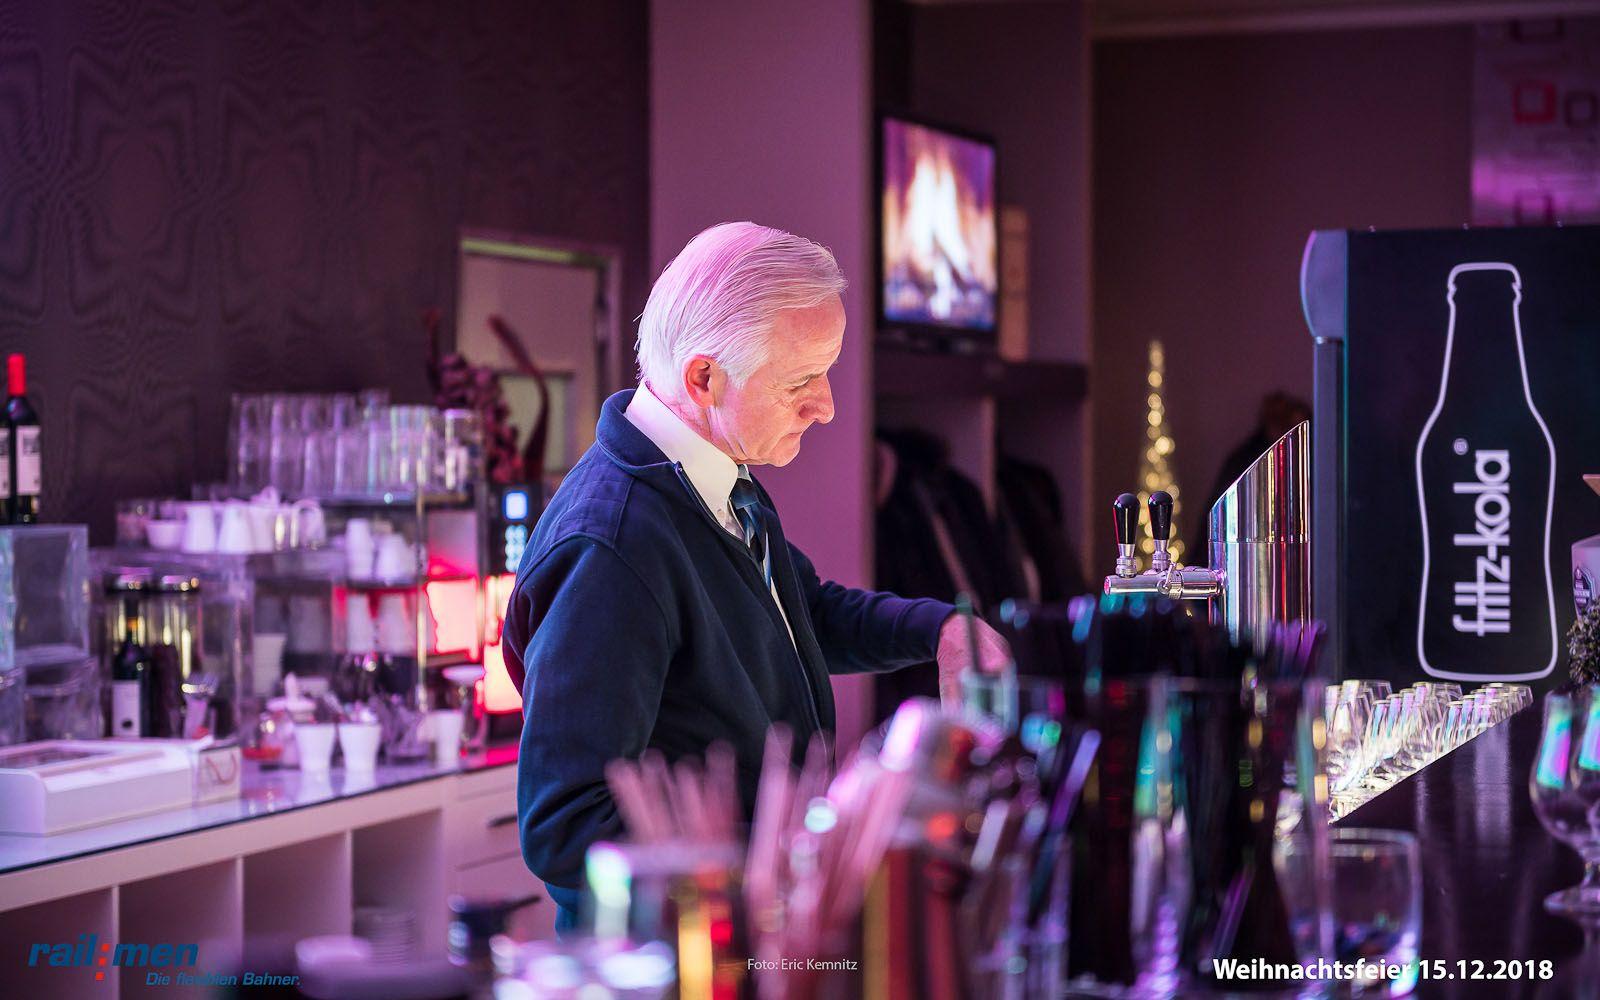 Reinhard Zeh – legendärer Bartender der Mephistobar – serviert den Railmen Mitarbeitern zu später Stunde feinste Cocktails der Spitzenklasse